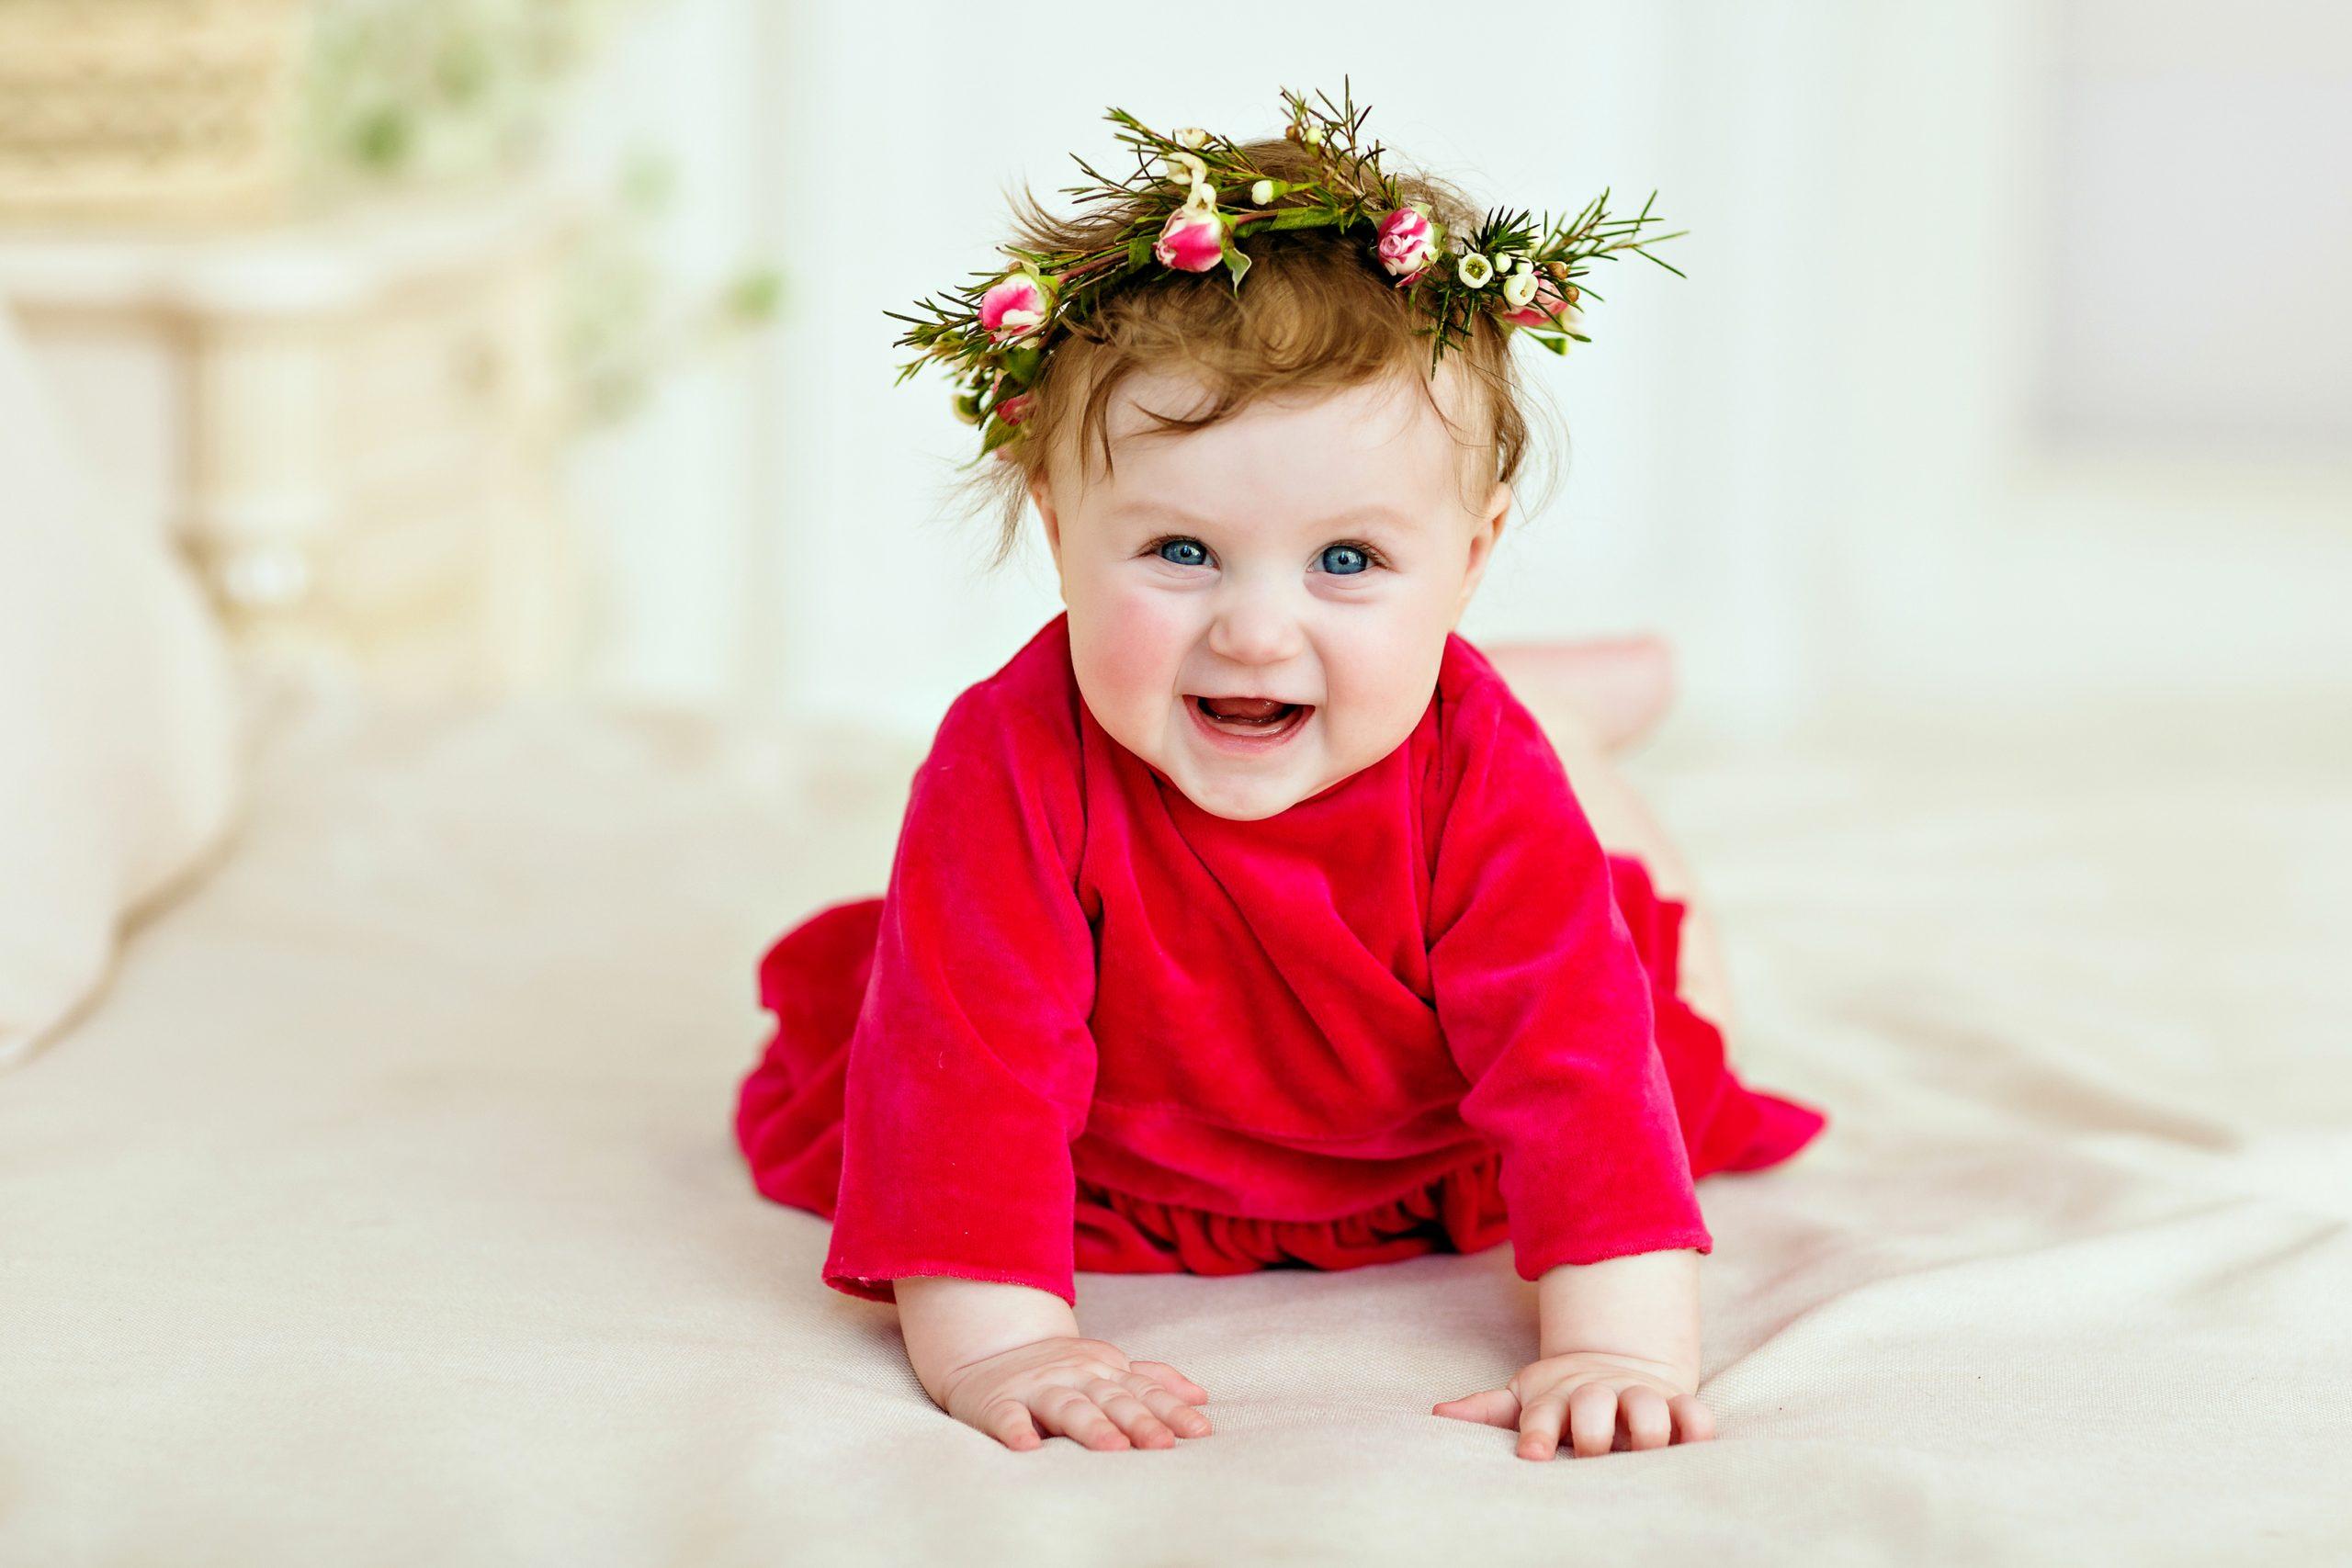 СБЪДНИ МЕЧТА ЗА ДЕТЕ – КАМПАНИЯ В НАВЕЧЕРИЕТО НА 8 МАРТ